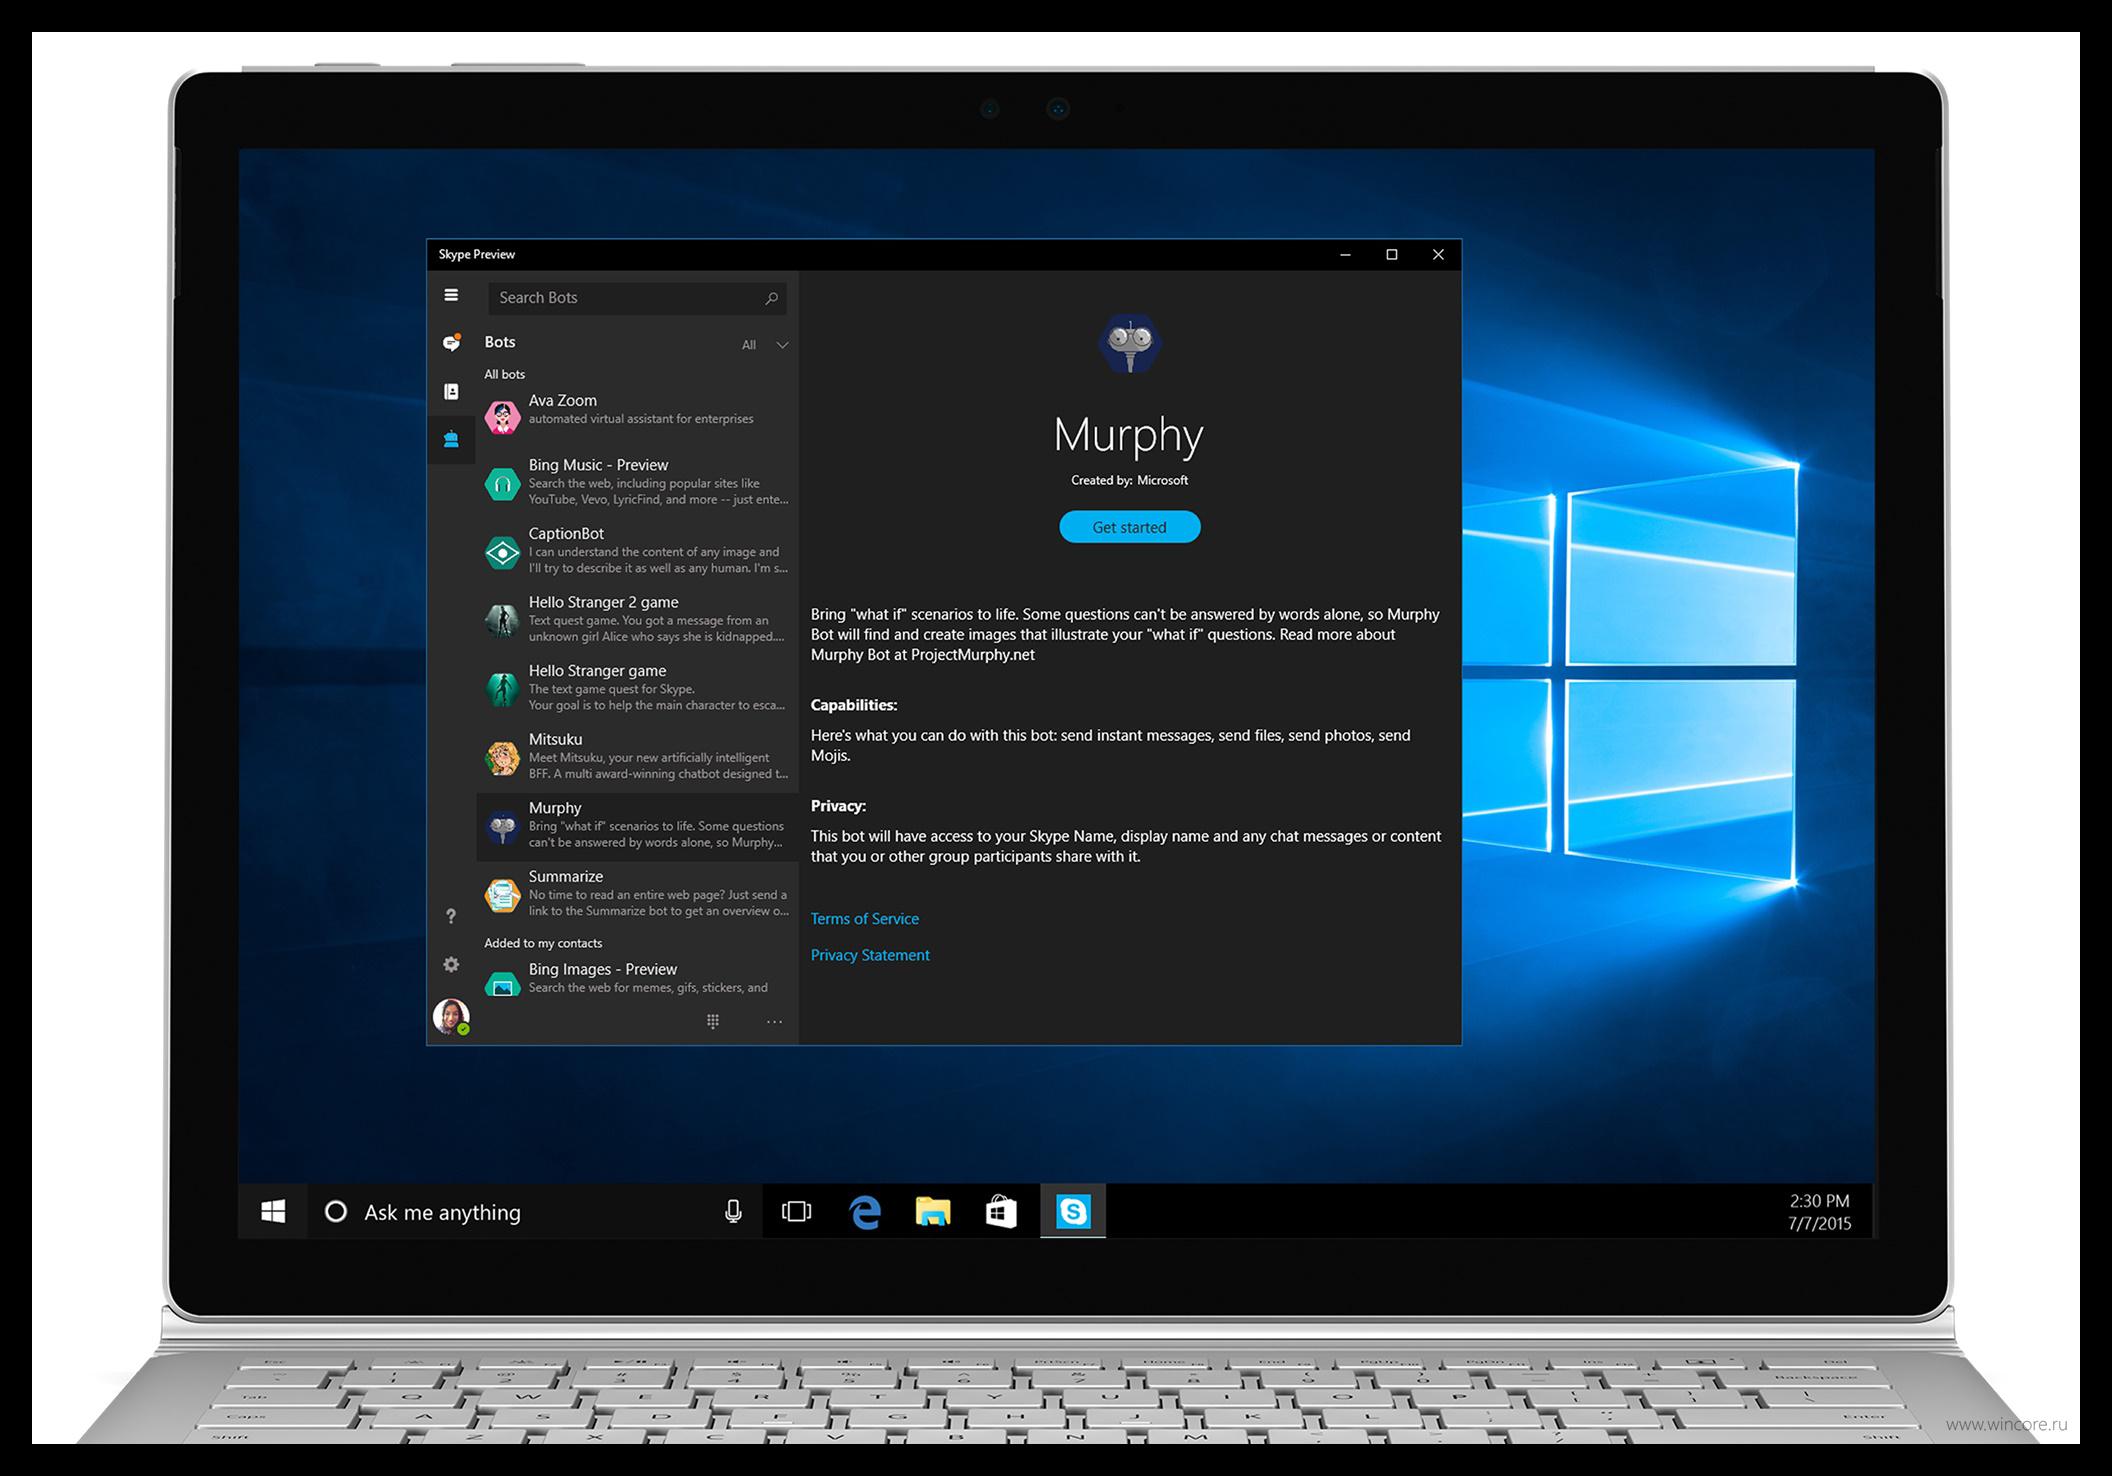 Картинка Ноутбук с предварительной версией Skype